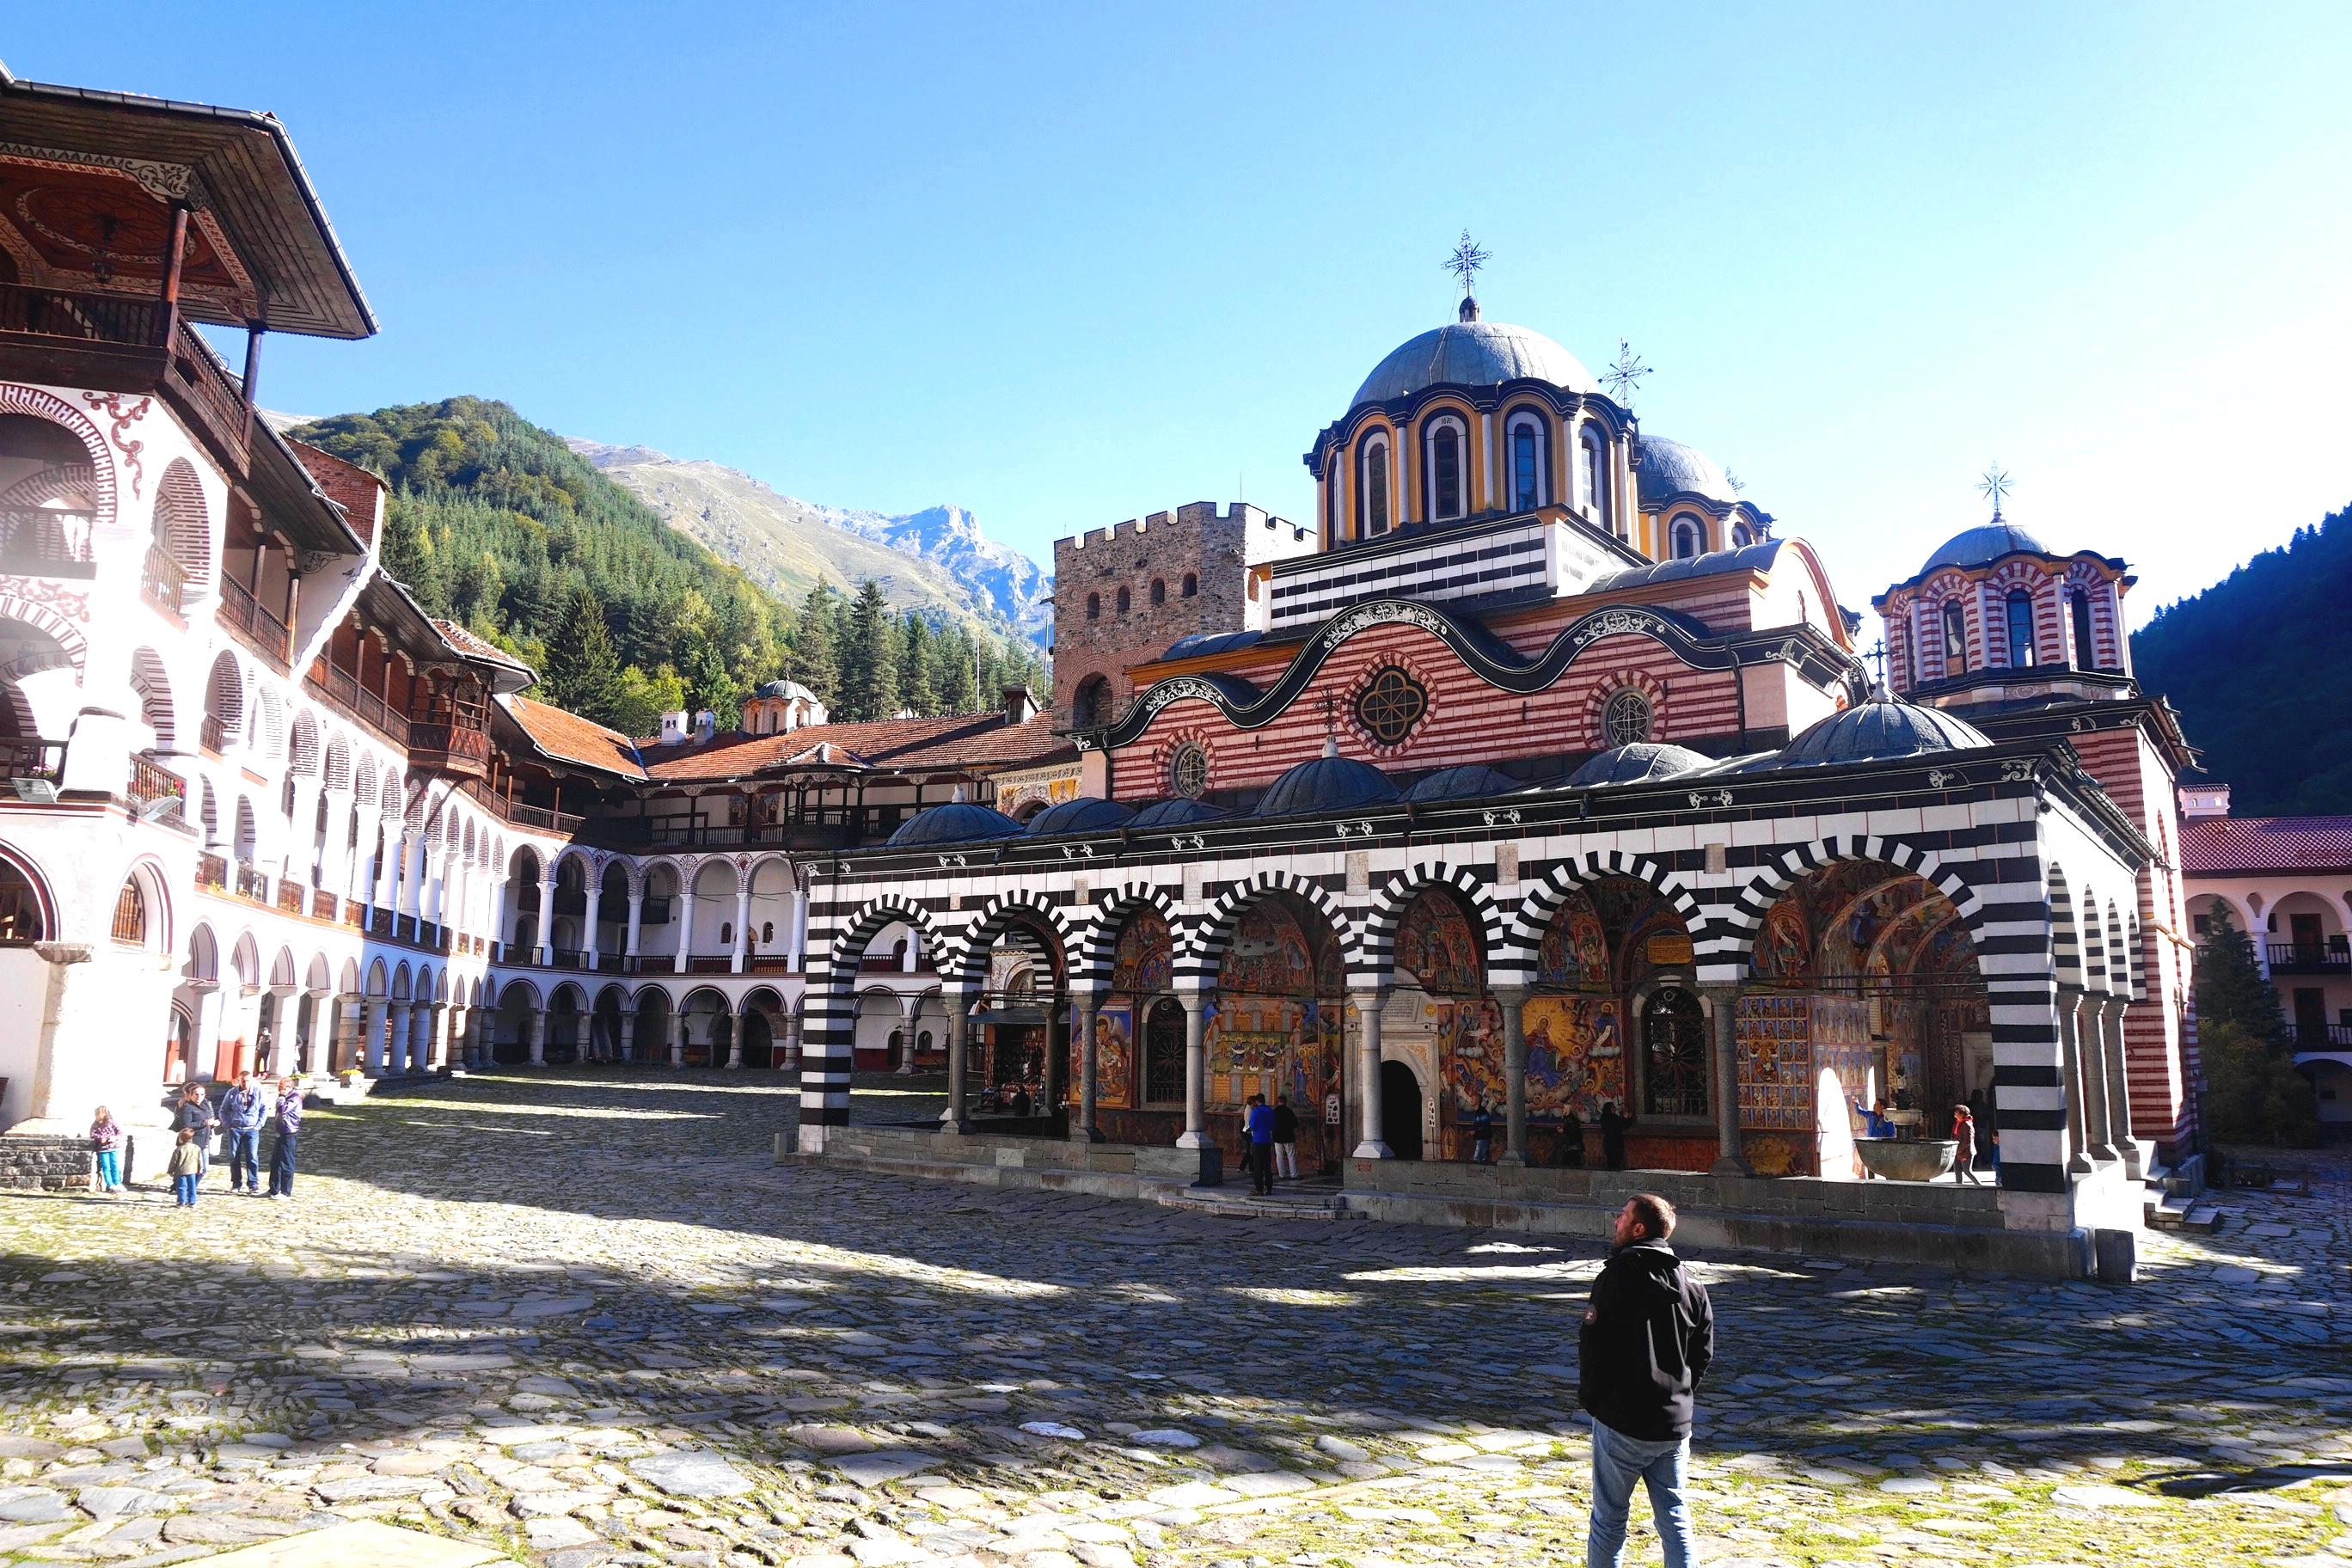 санаторием рильский монастырь болгария фото выглядит, как